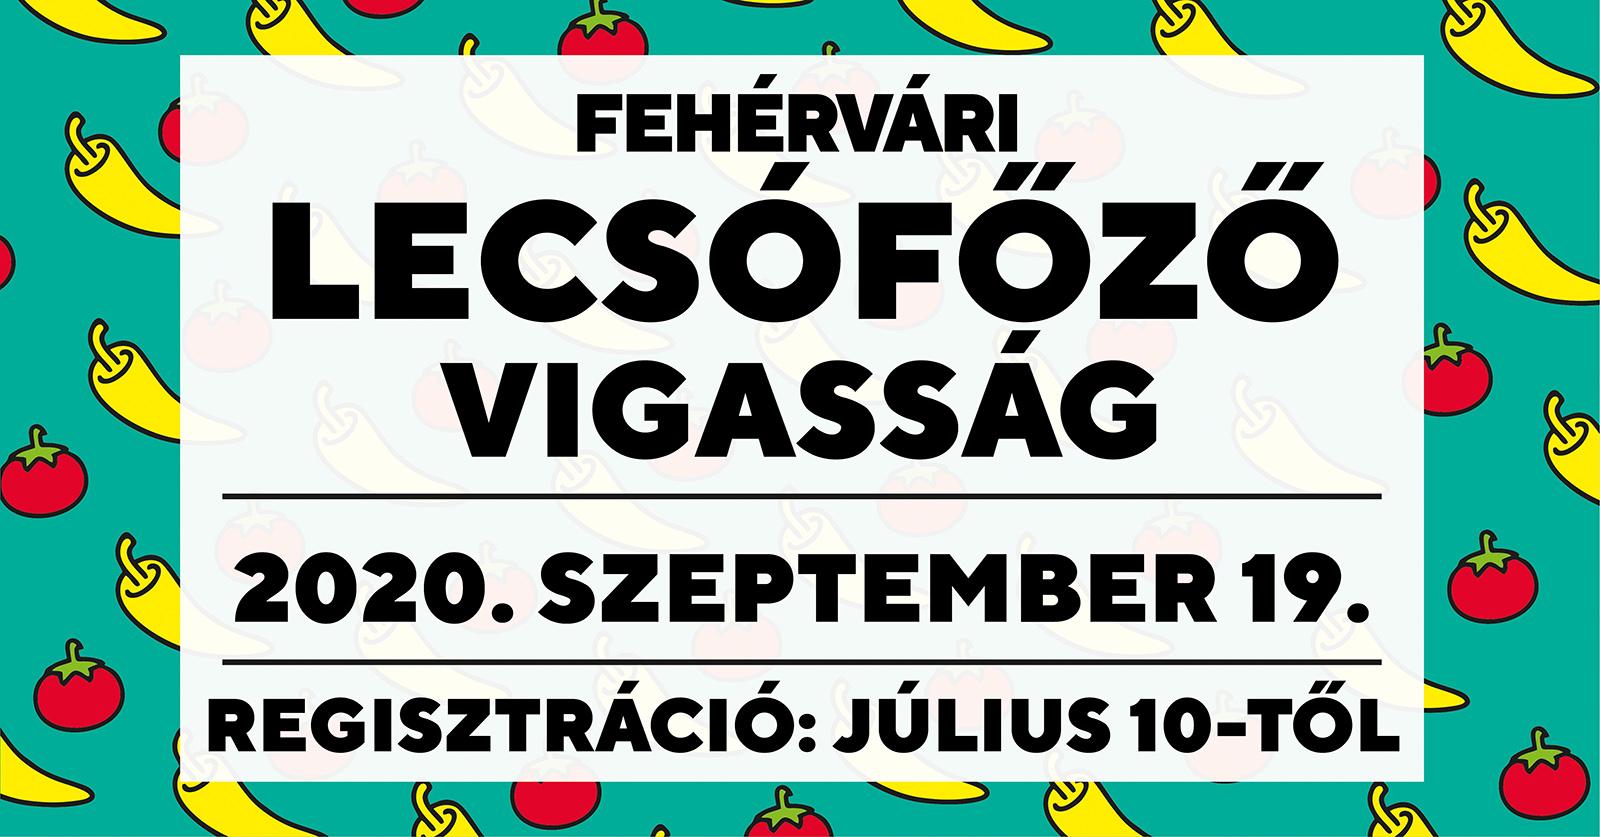 XVI. Fehérvári Lecsófőző Vigasság @ Zichy liget, Dózsa György út, Móri út